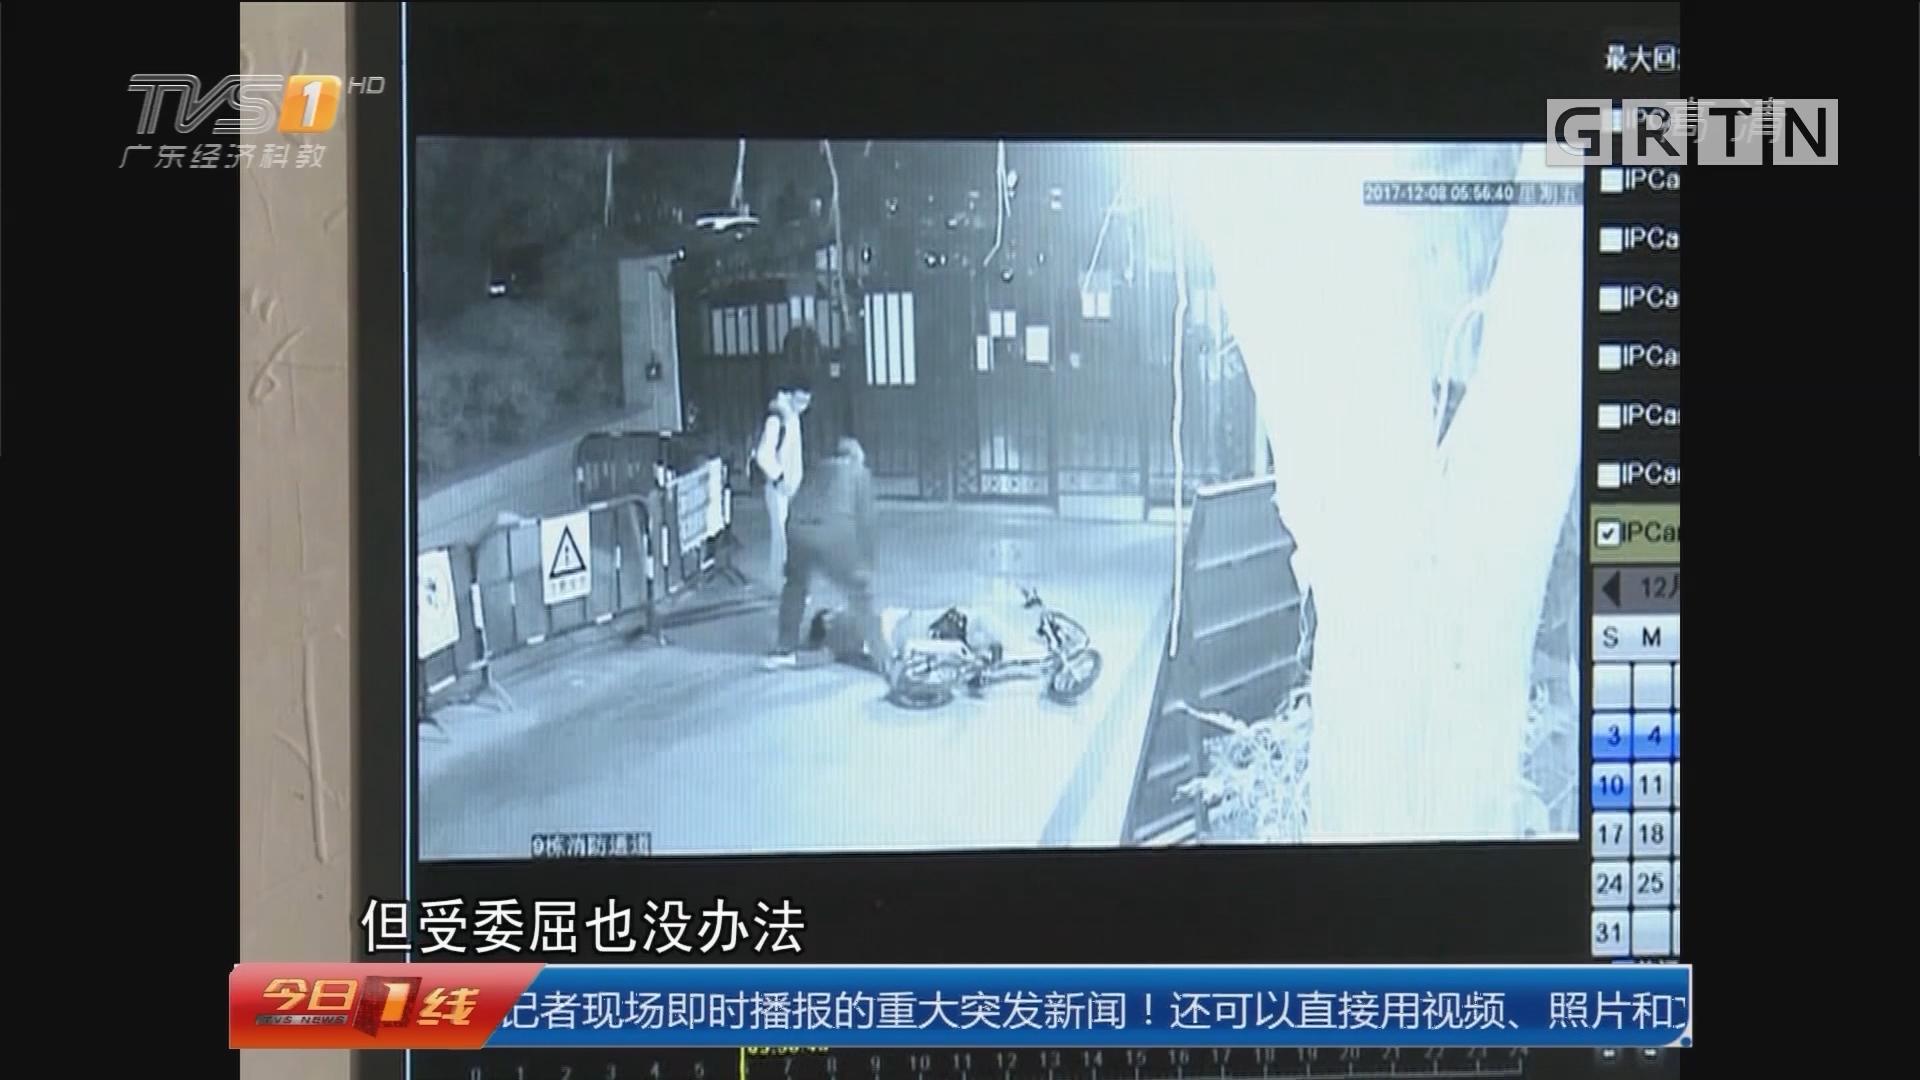 深圳龙岗:好心救人反被诬 幸有监控还真相